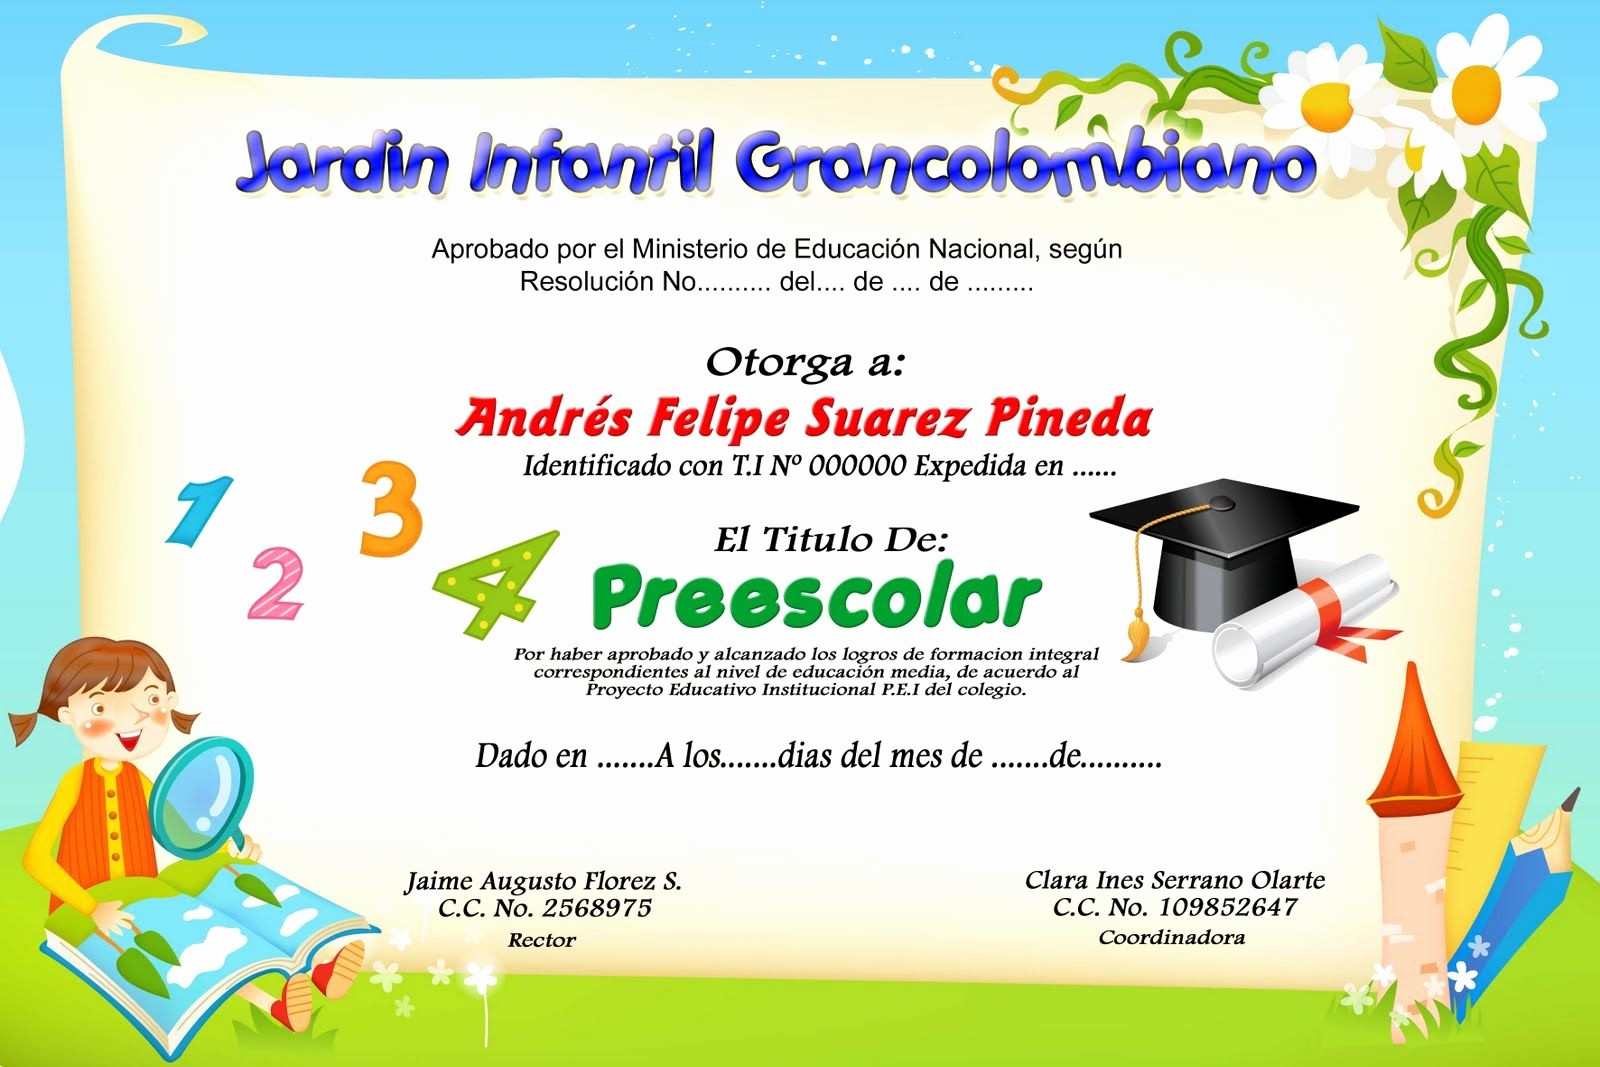 Formato De Reconocimiento Para Editar Elegant formato De Diplomas De Preescolar Imagui … Yo